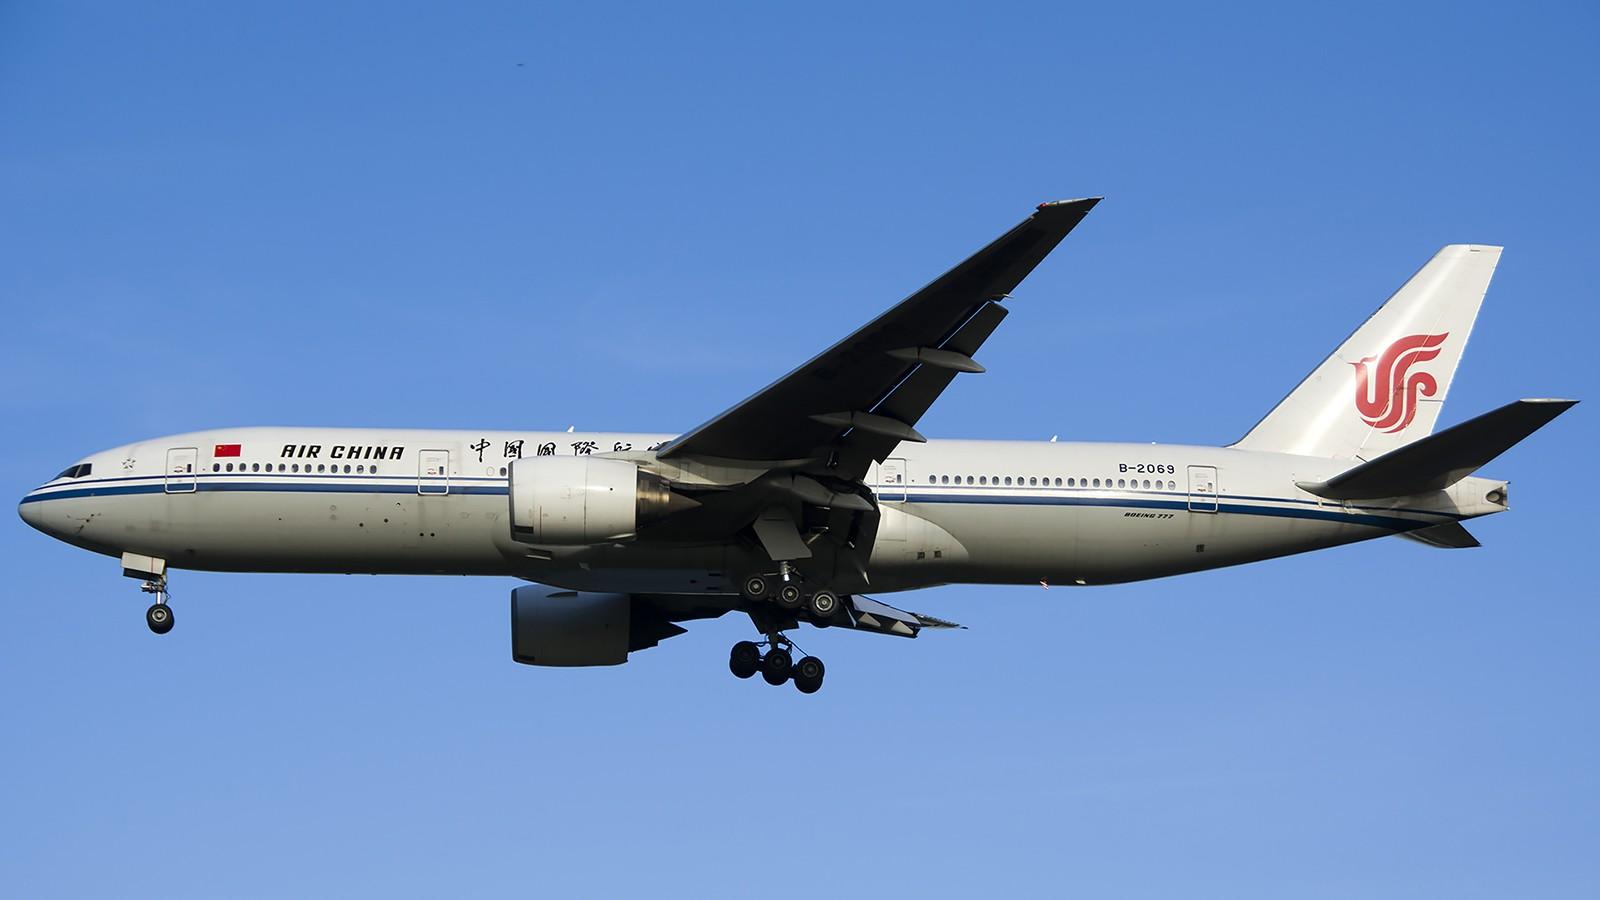 Re:[原创]难得赶上PEK周末好天气,各种常见机型都有收获 BOEING 777-200 B-2069 中国北京首都机场